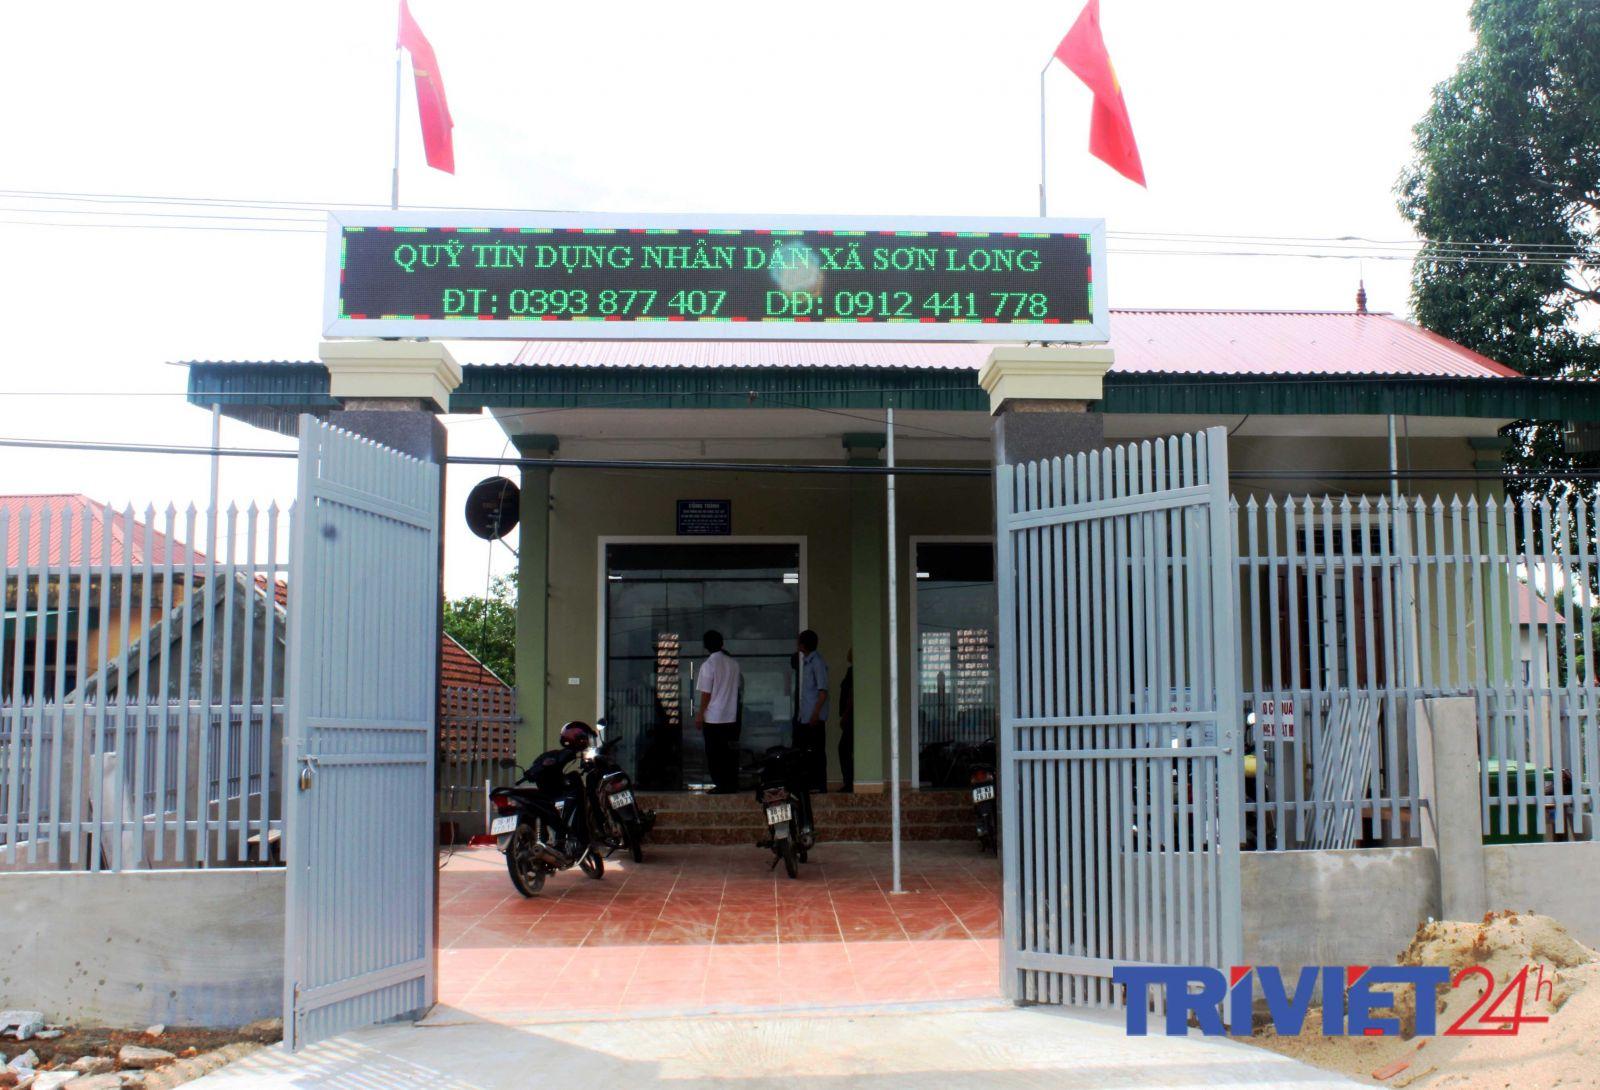 Trụ sở Quỹ tín dụng Nhân dân xã Sơn Long, Hương Sơn, Hà Tĩnh